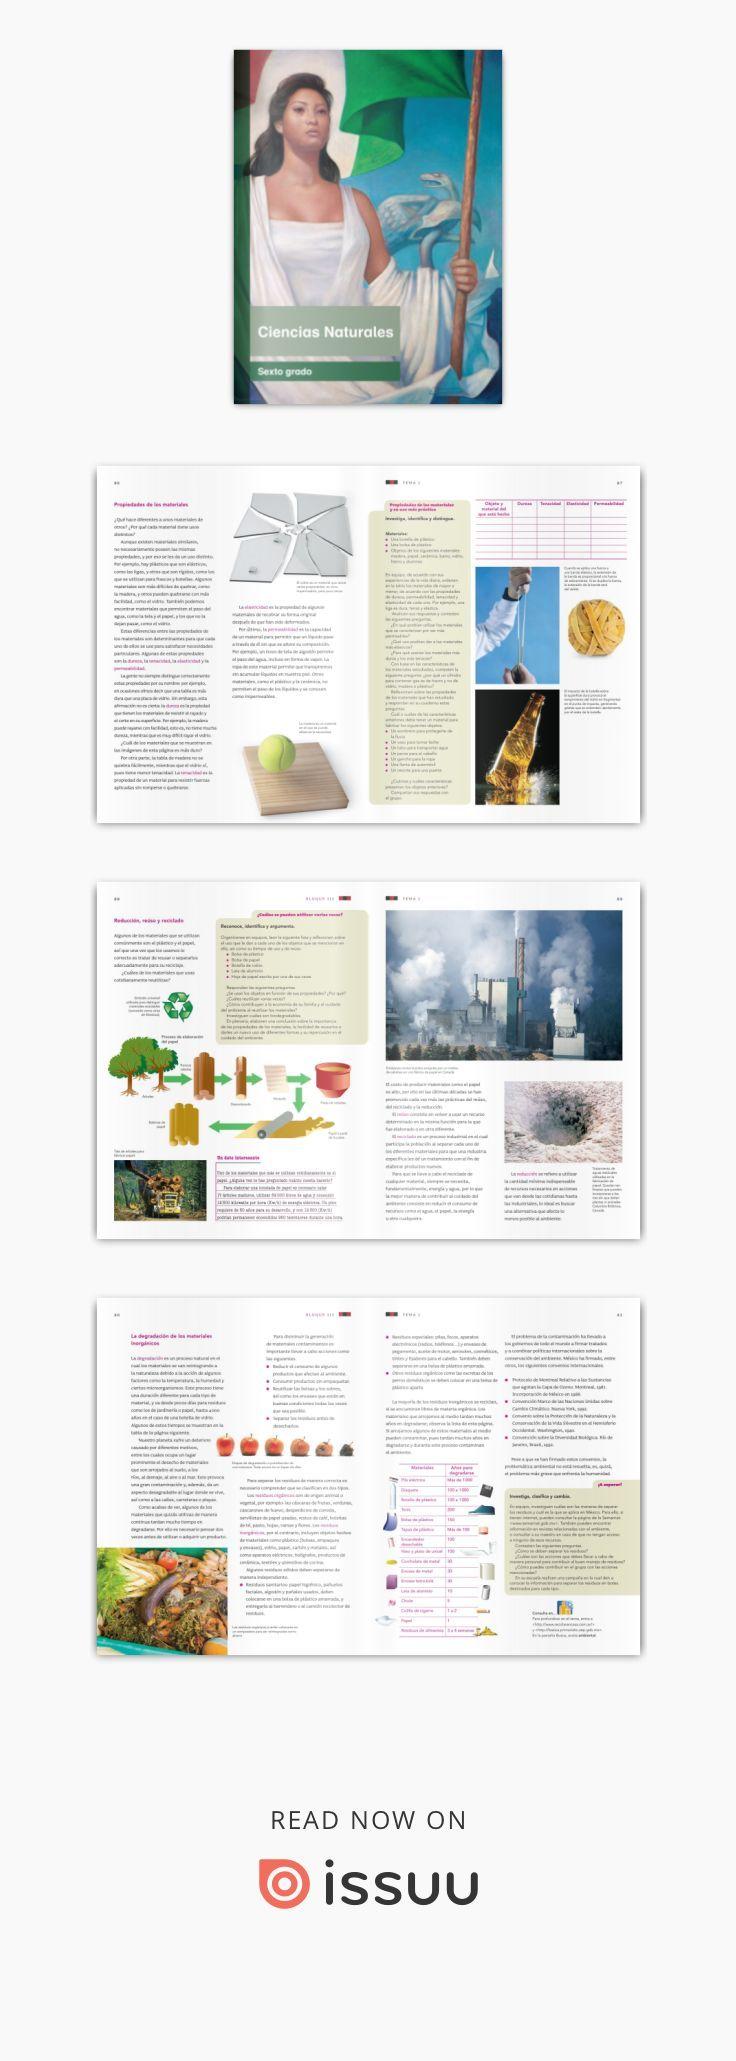 Primaria Sexto Grado Ciencias Naturales Libro De Texto Ciencias Naturales Libro De Texto Ciencia